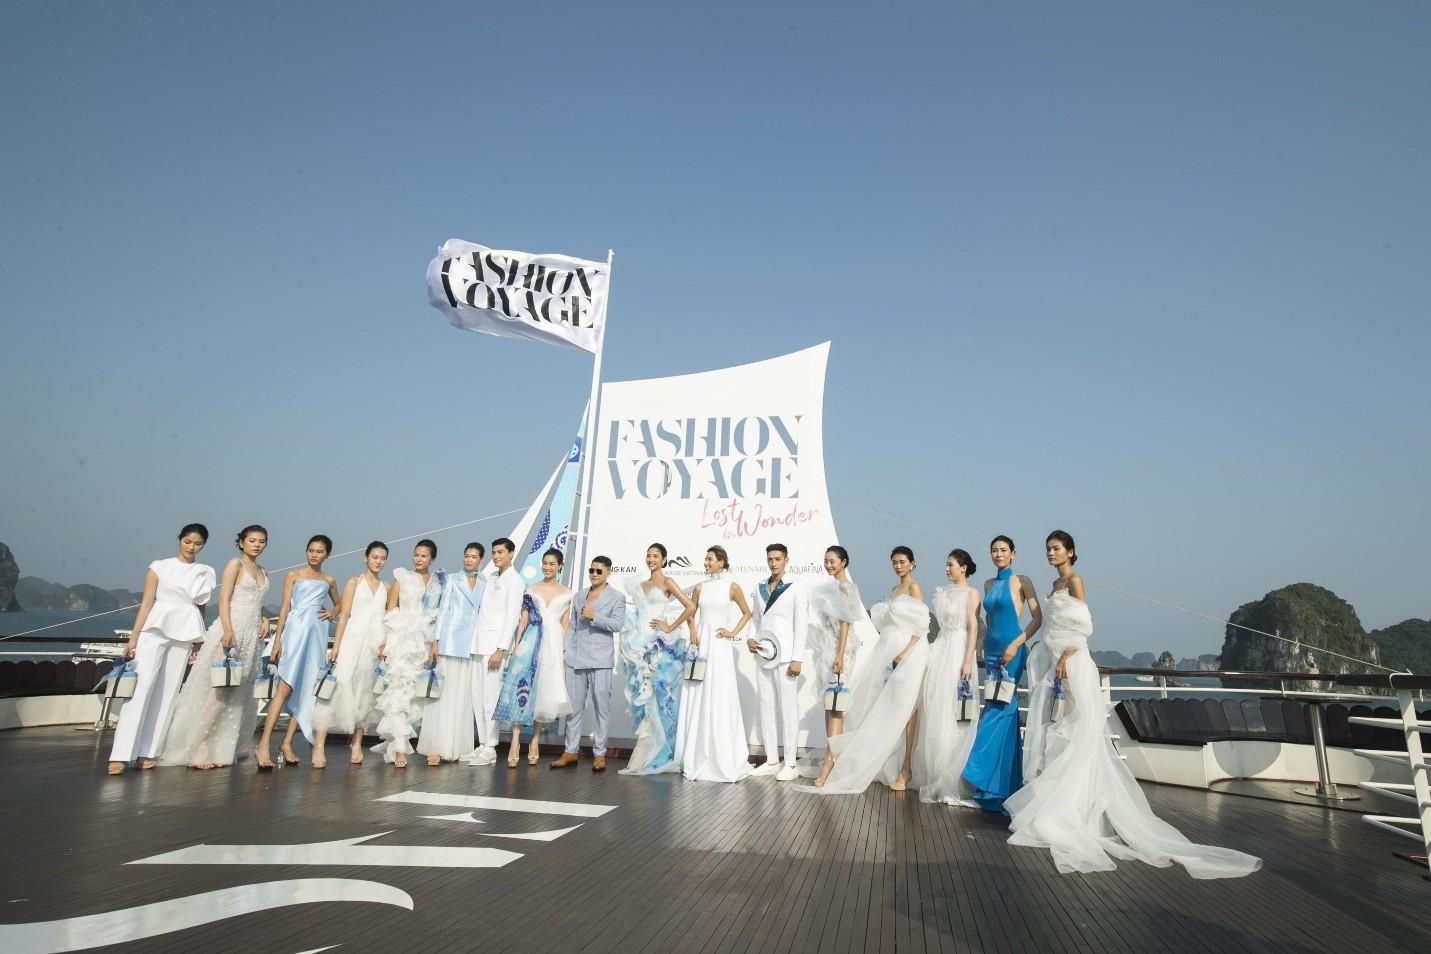 Trên sàn catwalk du thuyền 5 sao, BST từ cảm hứng thời trang thuần khiết lên ngôi trong sự choáng ngợp, mãn nhãn - Ảnh 1.